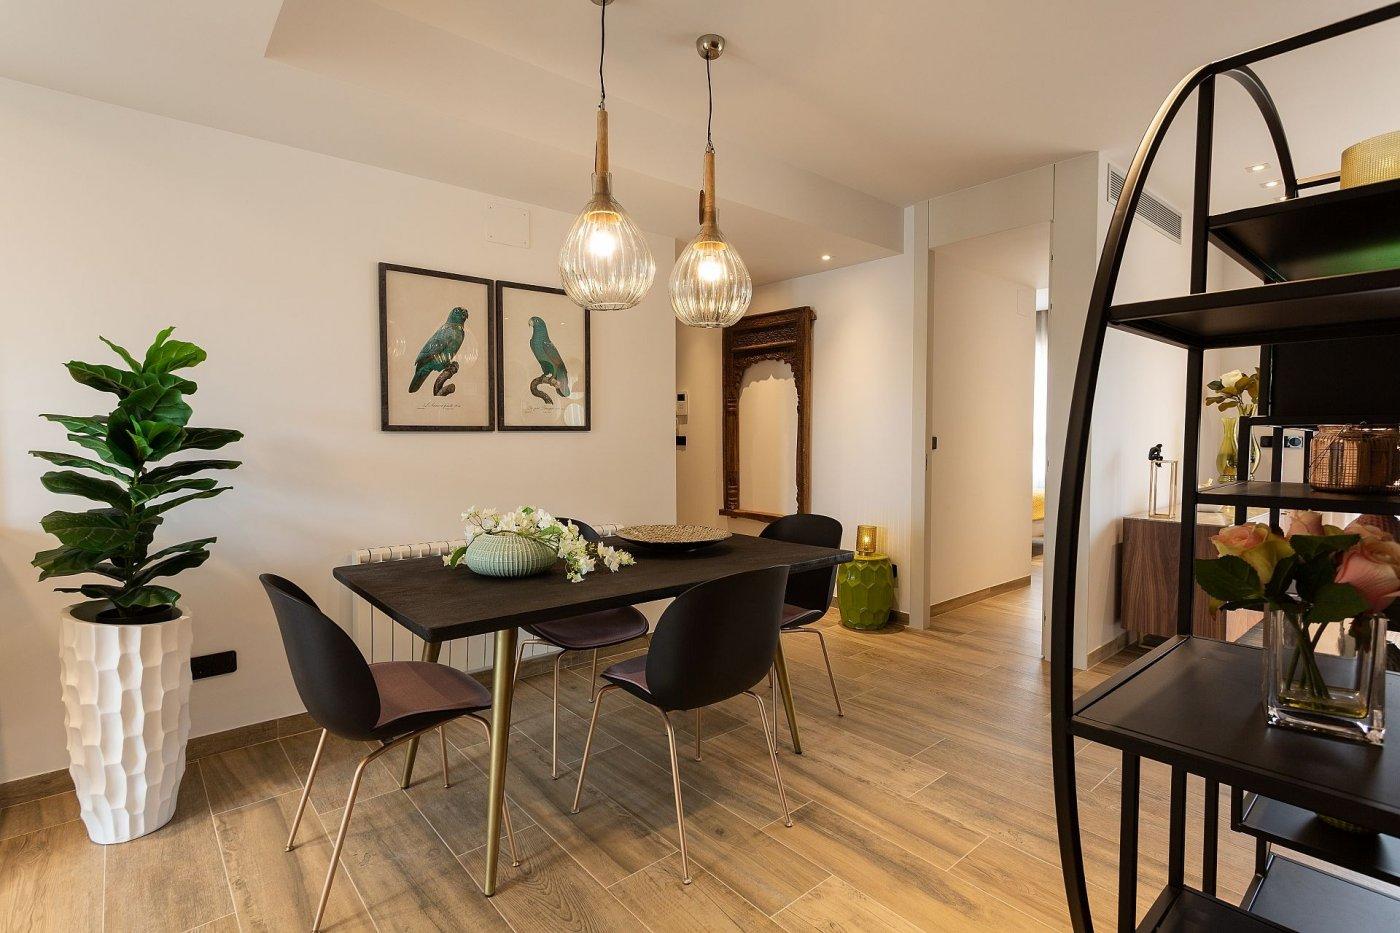 Complejo residencial de obra nueva en punta prima - imagenInmueble3